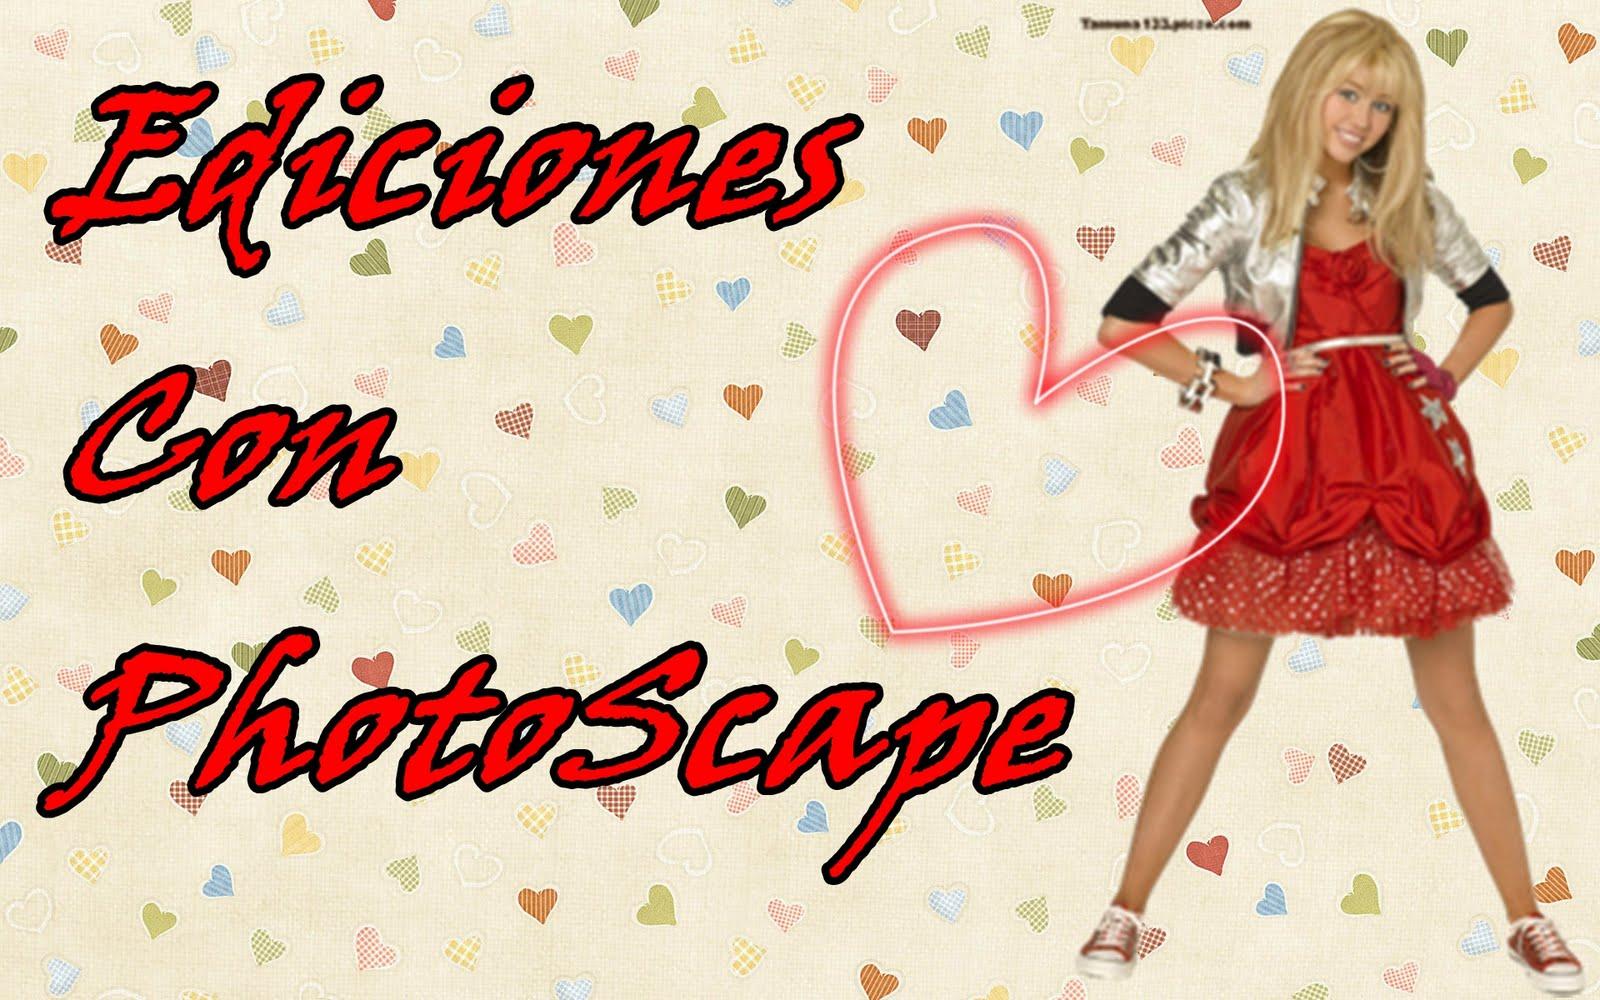 Ediciones Con PhotoScape